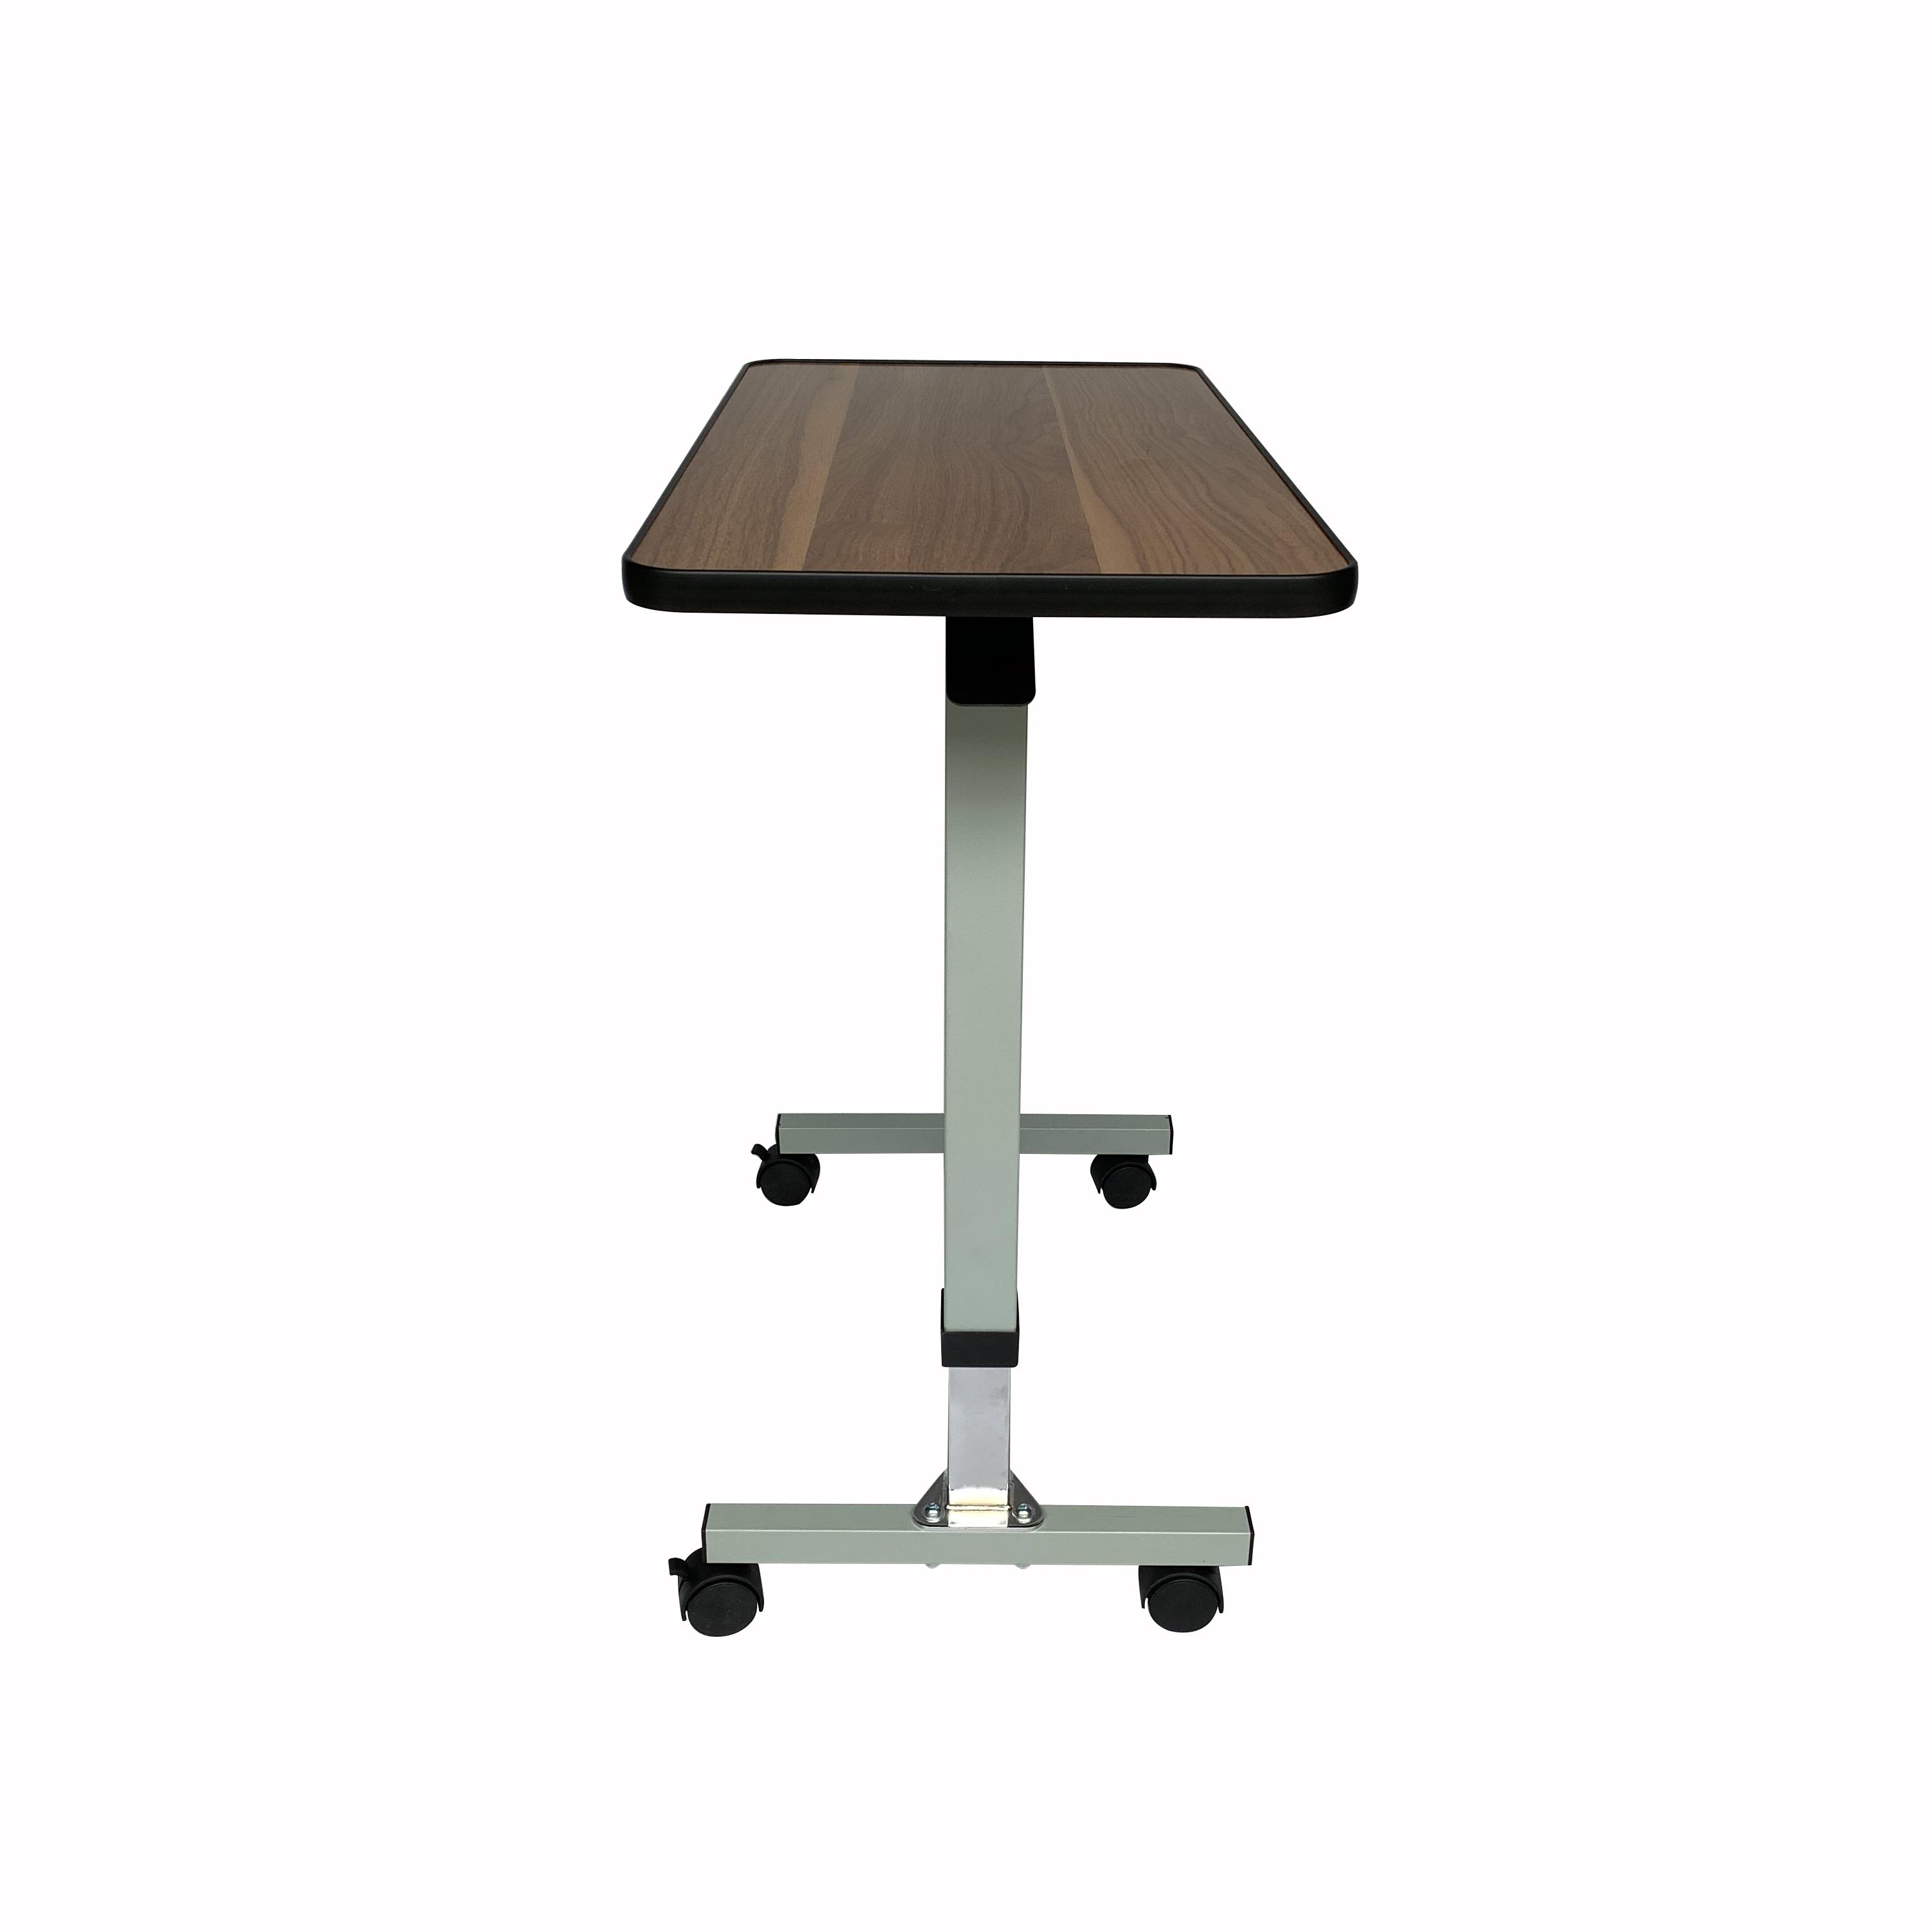 Над кроватью столик подвижного стола с Запираемые колеса, медицинский портативный ноутбук стол 3 уровня регулировки, лоток для телевизора